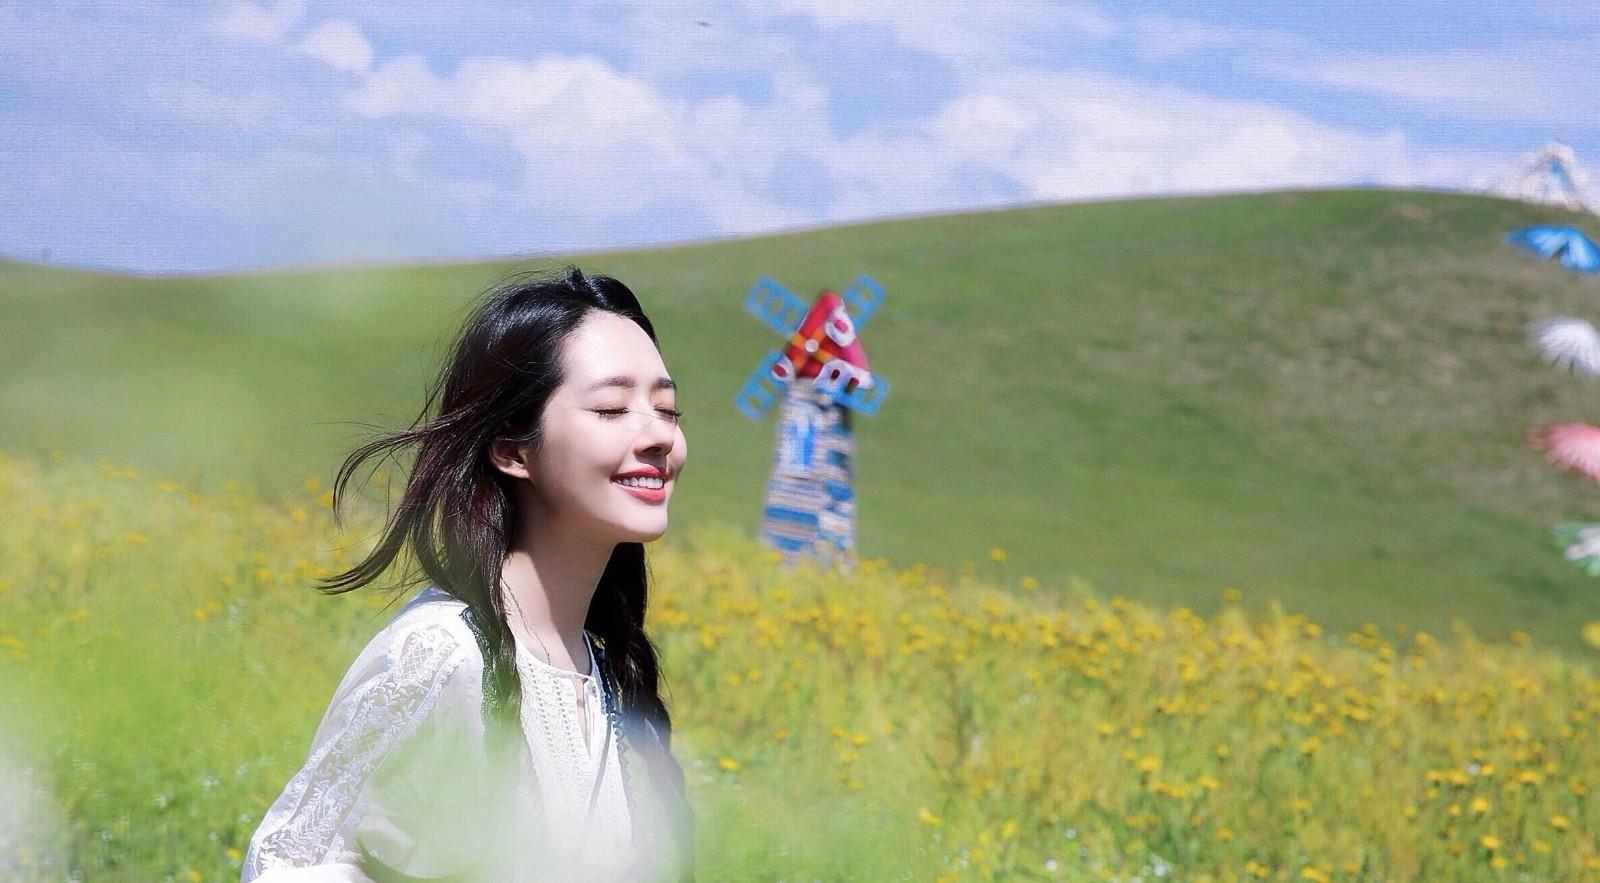 向佐和郭碧婷秘密结婚,那会在《我家小俩口》中播出吗?